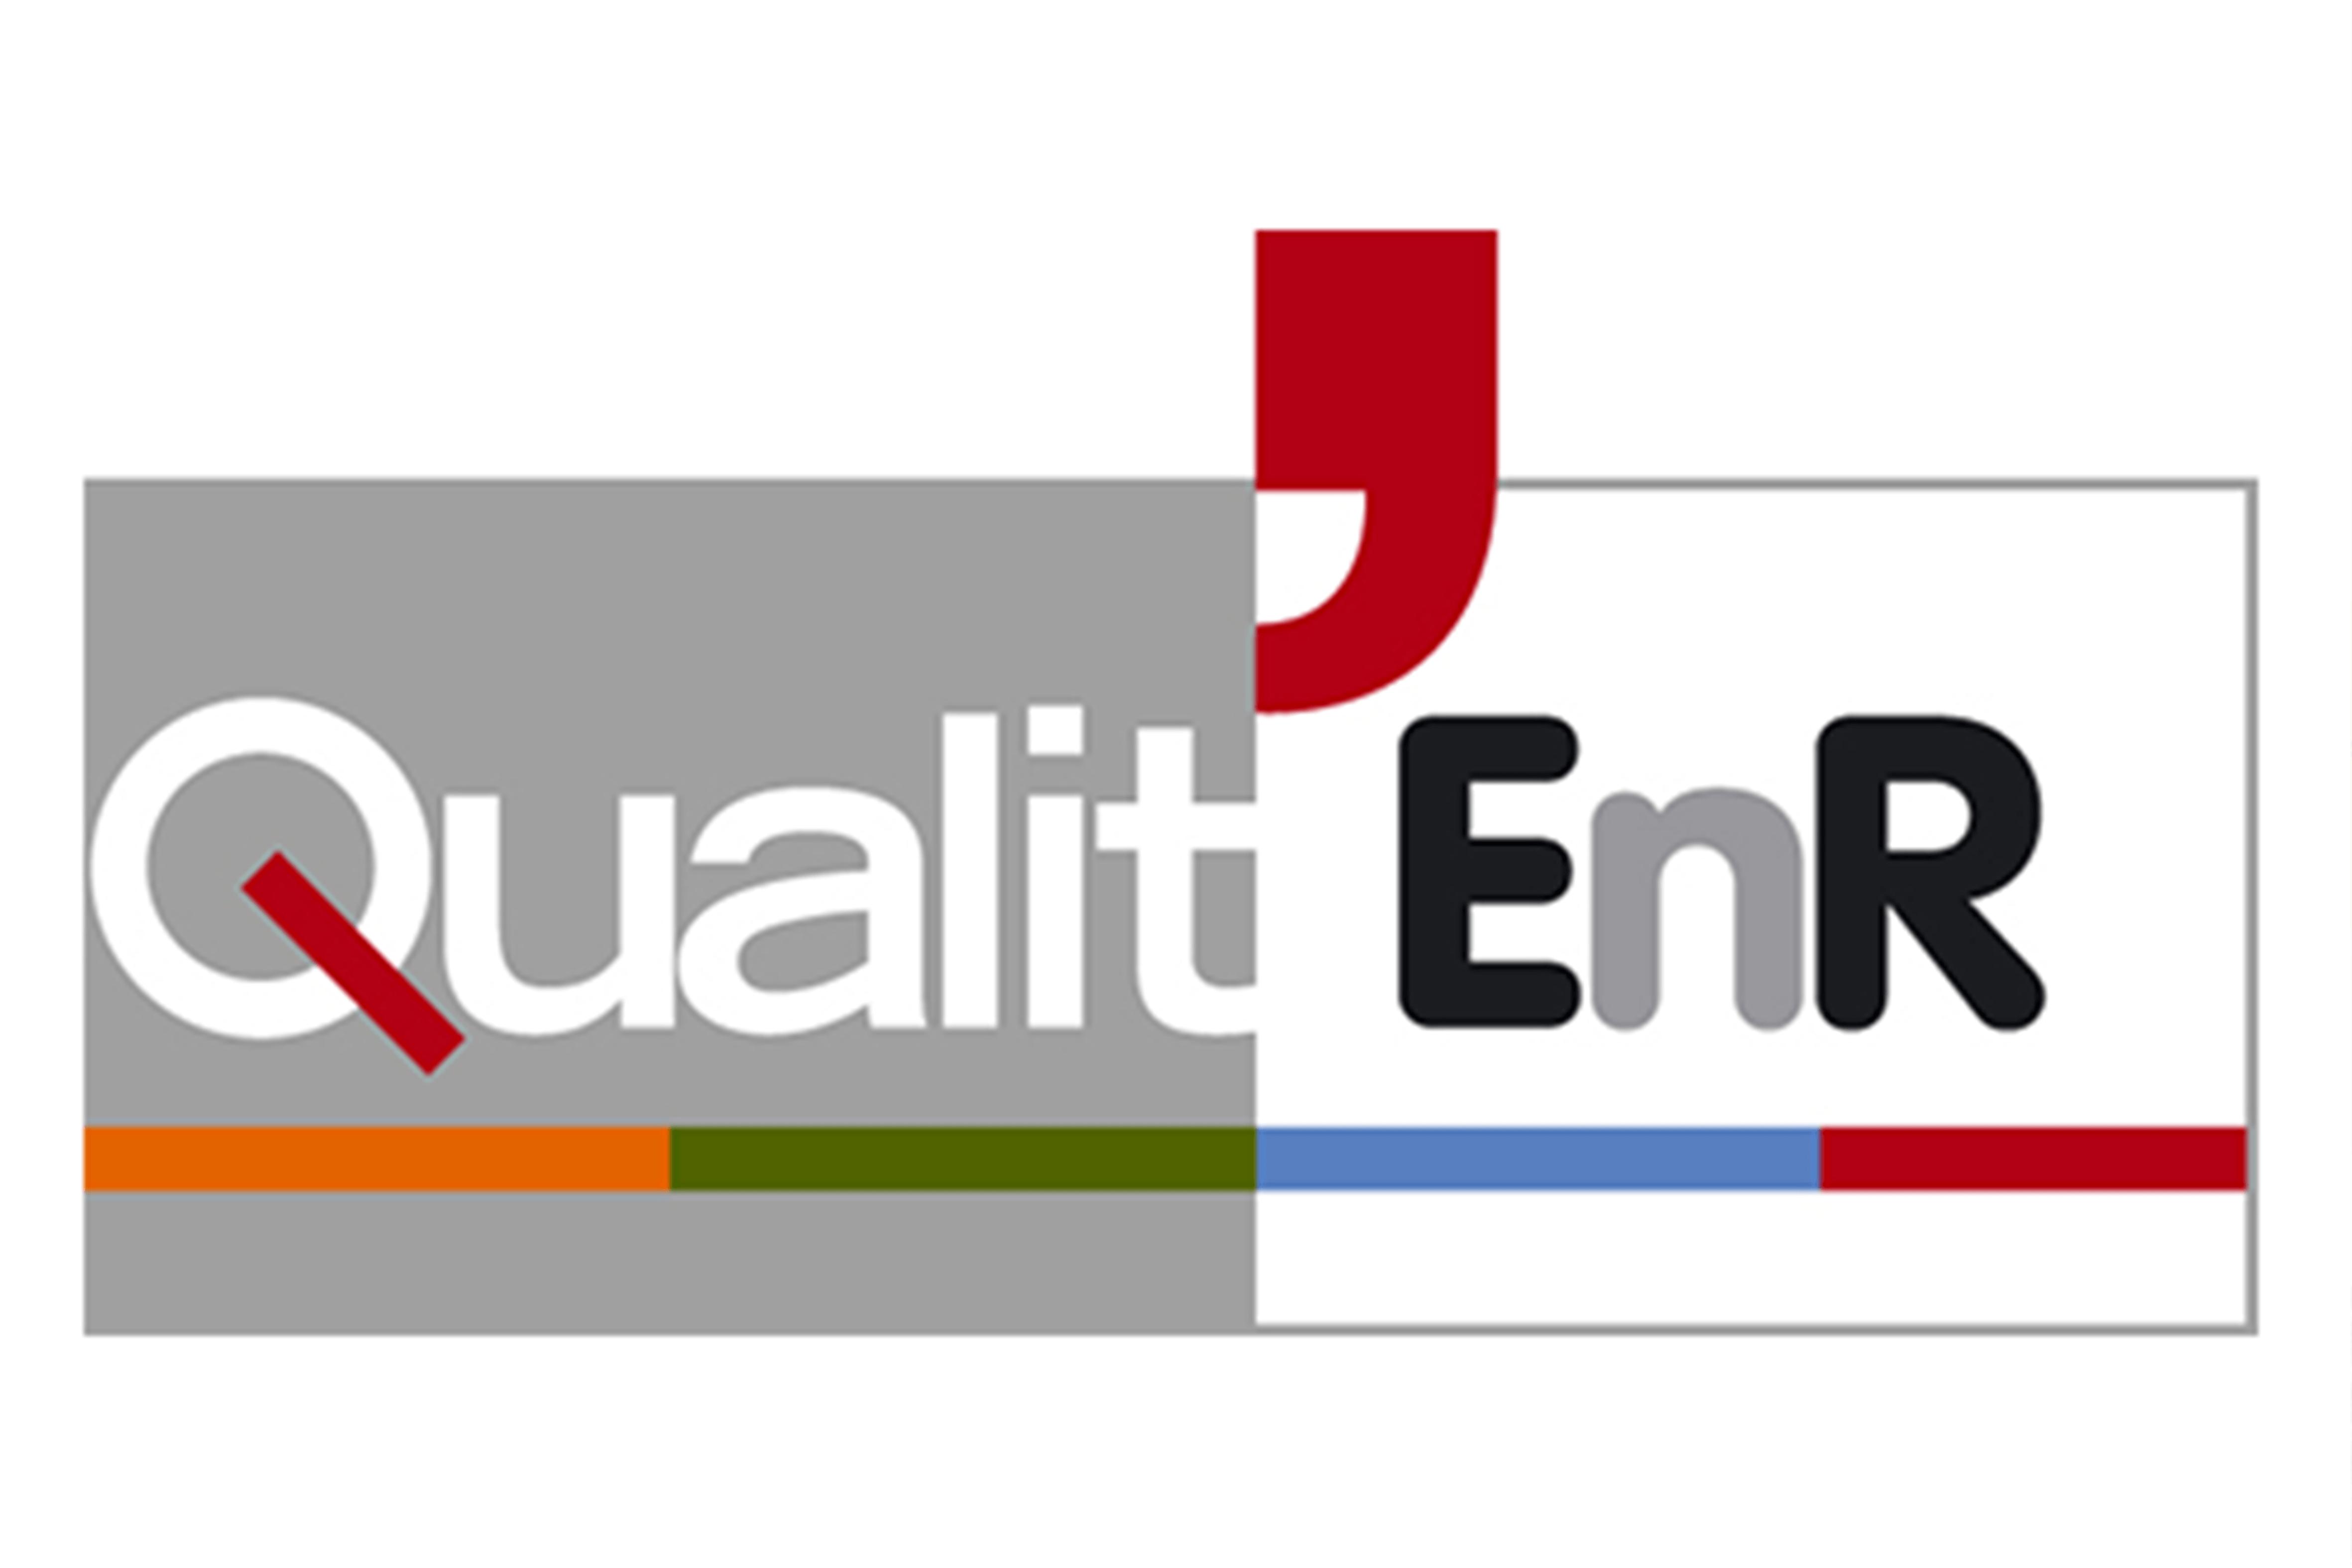 Contrôle Qualibois et QualiPAC CET pour Qualit'ENR